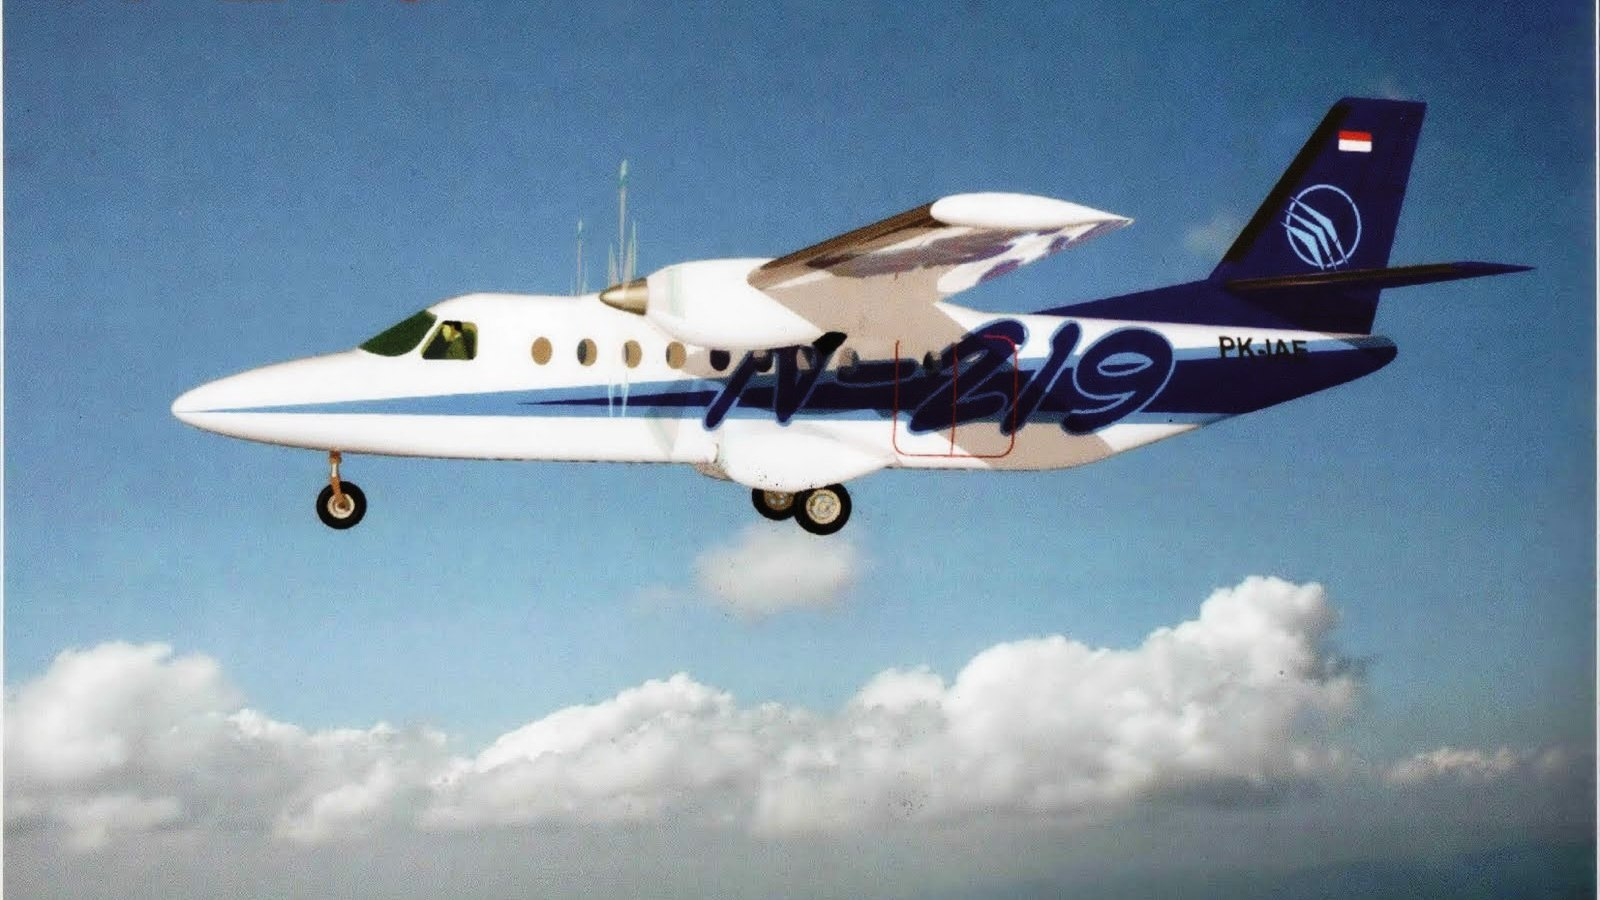 Pesawat N219 dirancang untuk terbang di daerah terpencil yang bisa mendarat di landasan tanah, berumput, atau berkerikil, dengan panjang landasan 600 meter